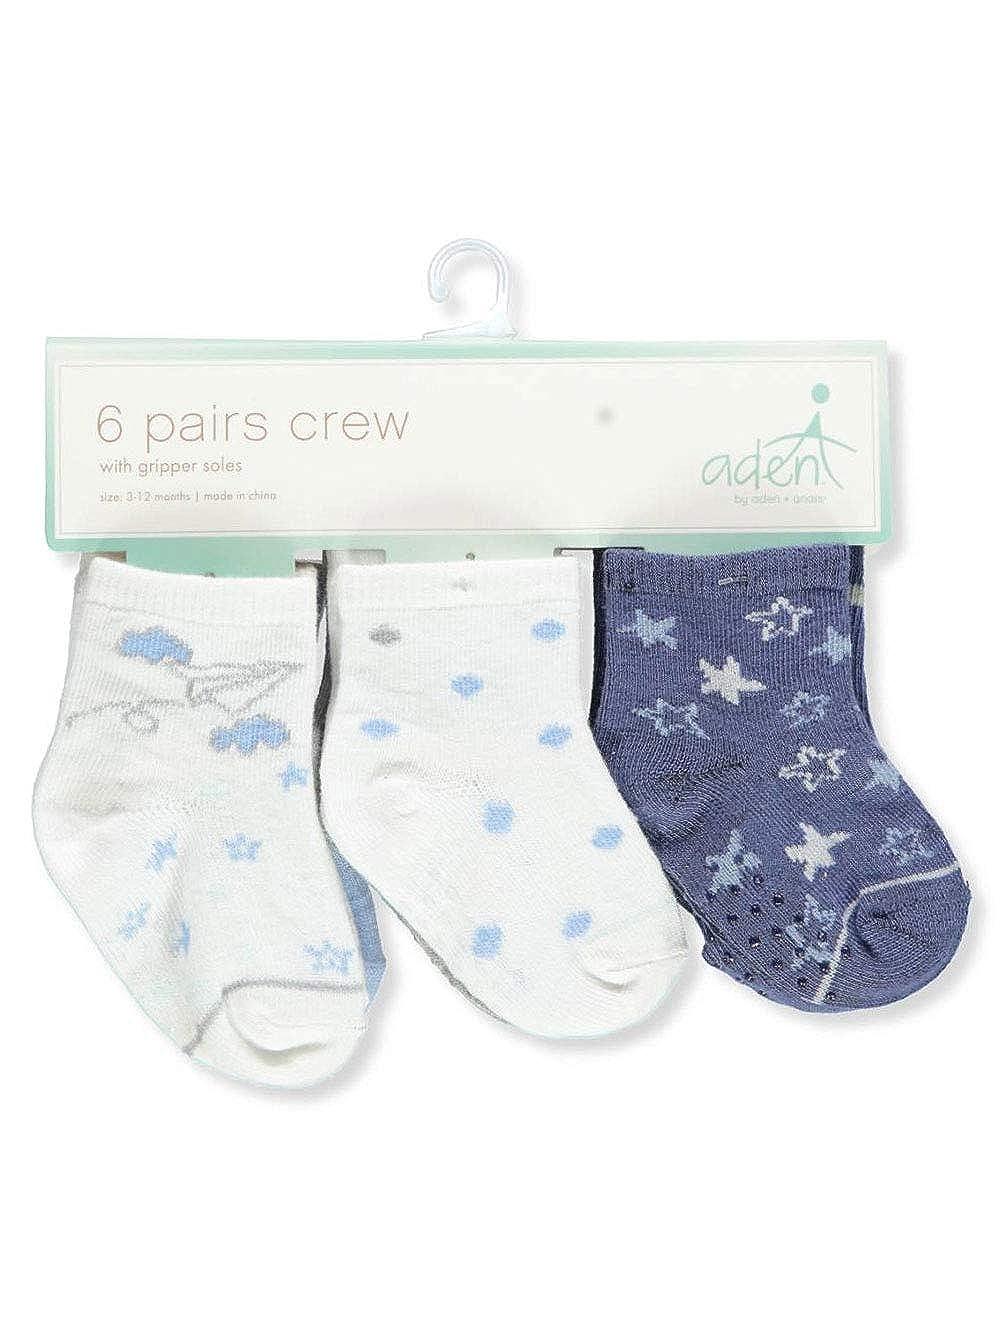 Aden Baby Boys 6-Pack Gripper Crew Socks